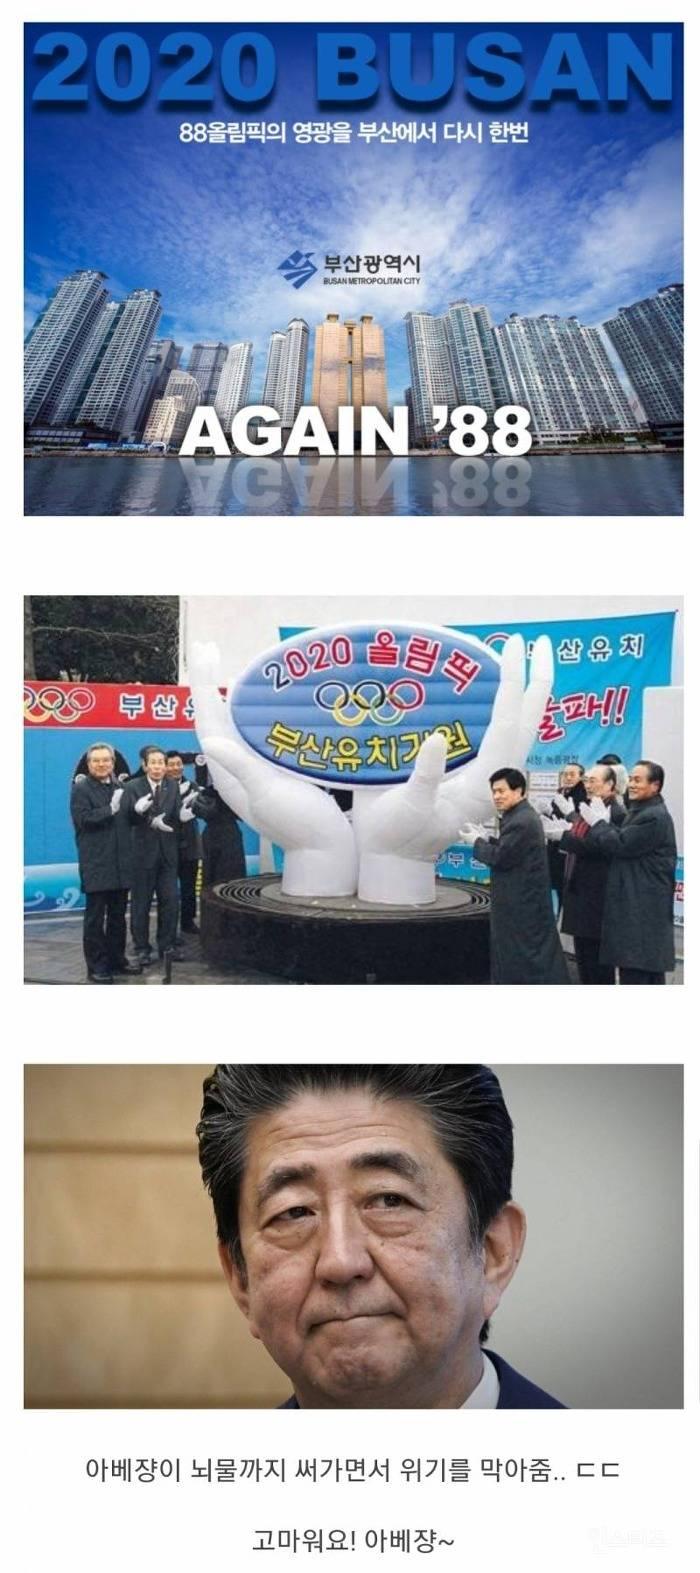 망테크탈뻔 했던 2020년 대한민국 | 인스티즈